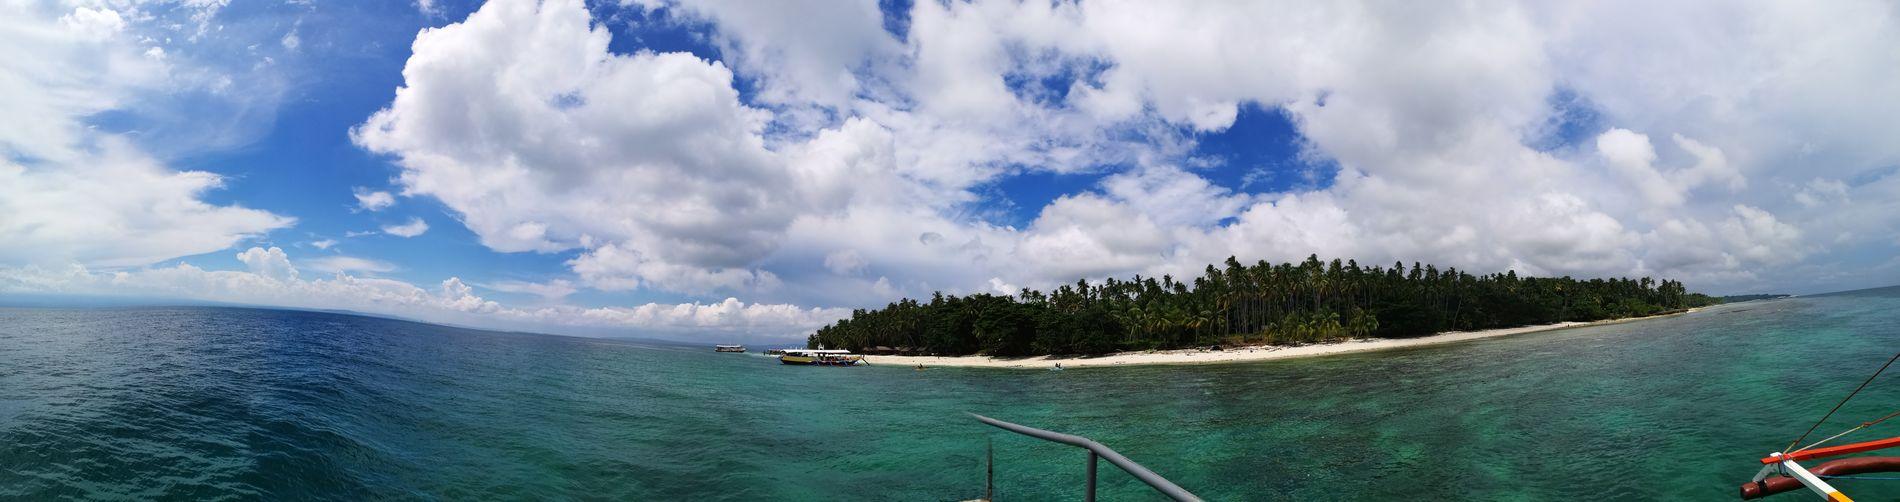 when nature captured my ❤ Babusantasamal DavaoLifeIsHere